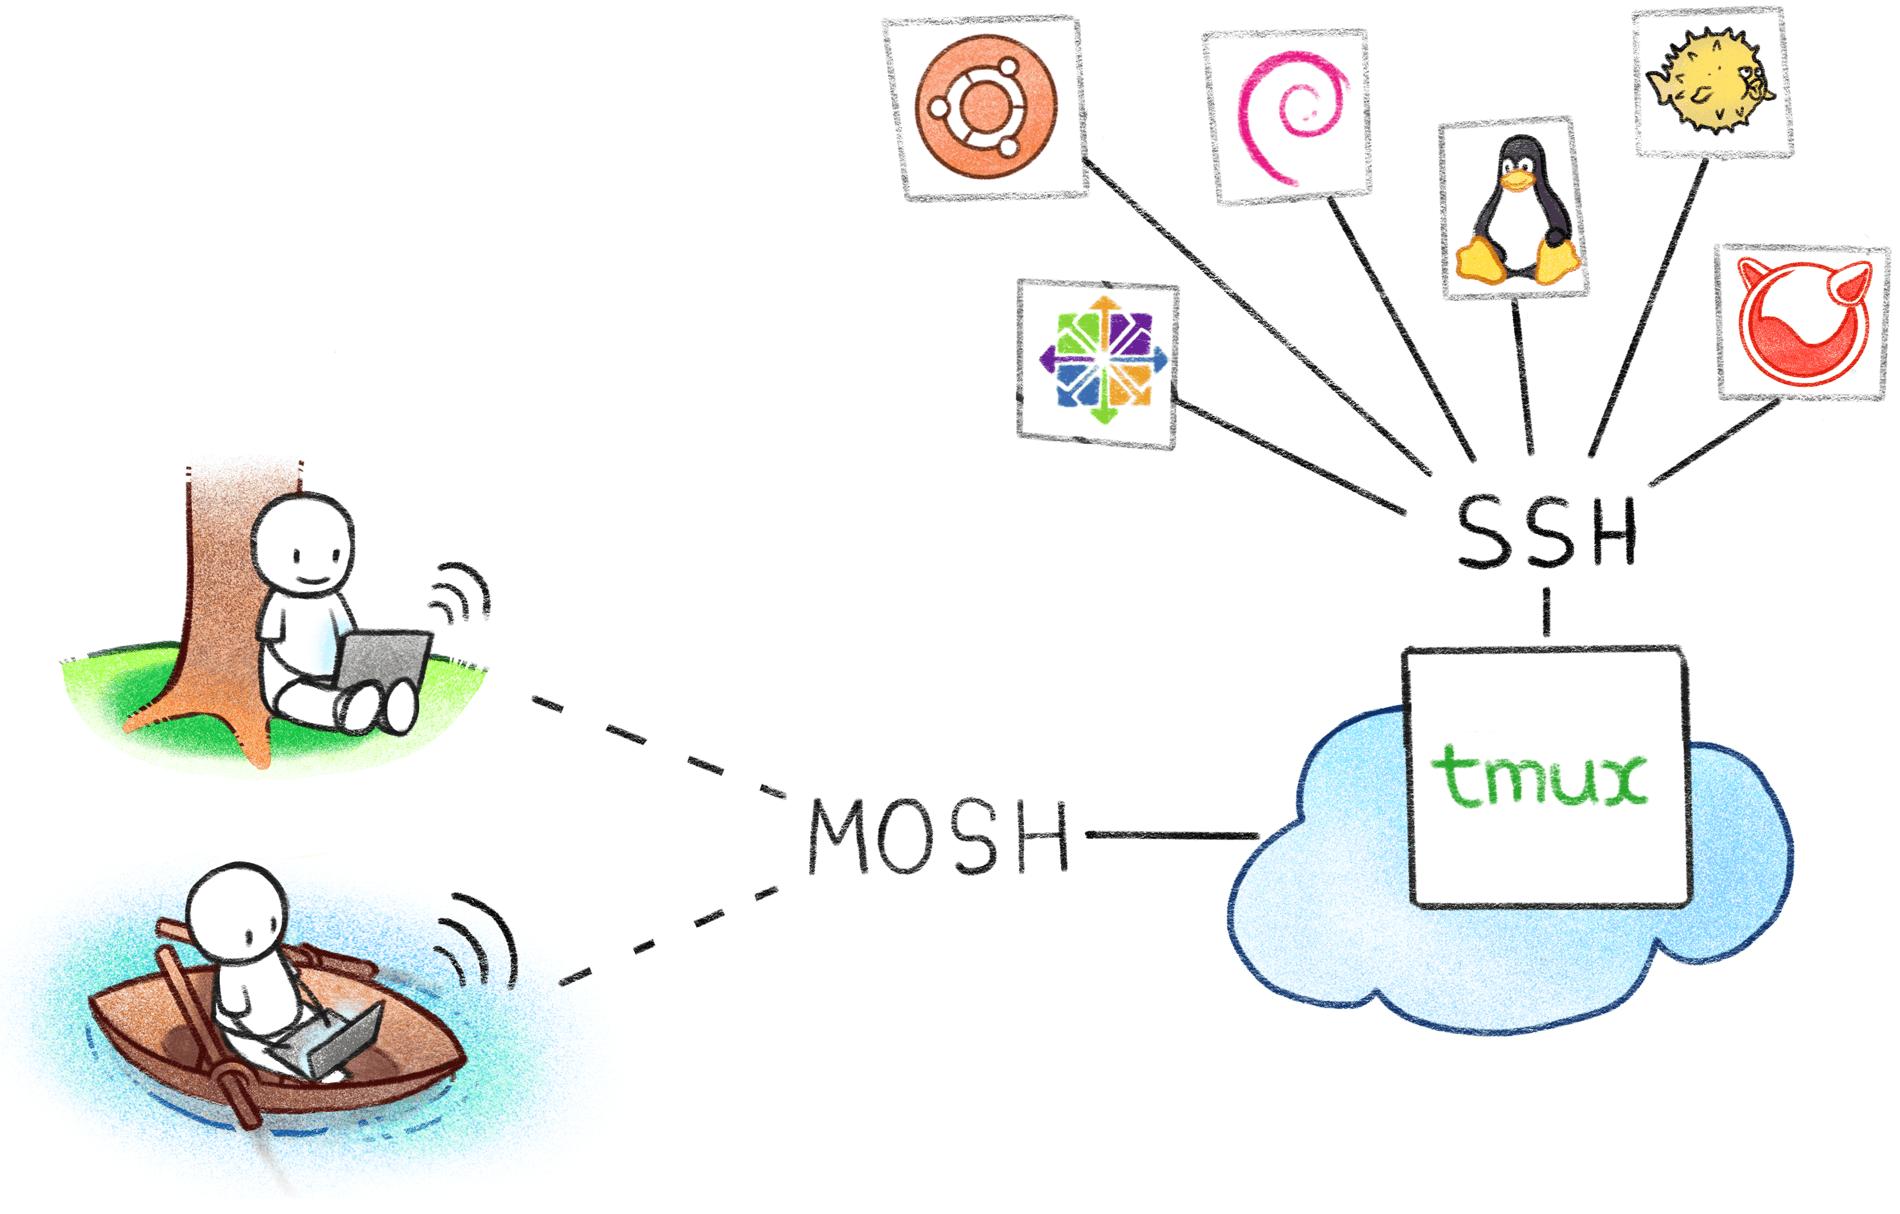 Терминальный сервер для админа; Ни единого SSH-разрыва - 1